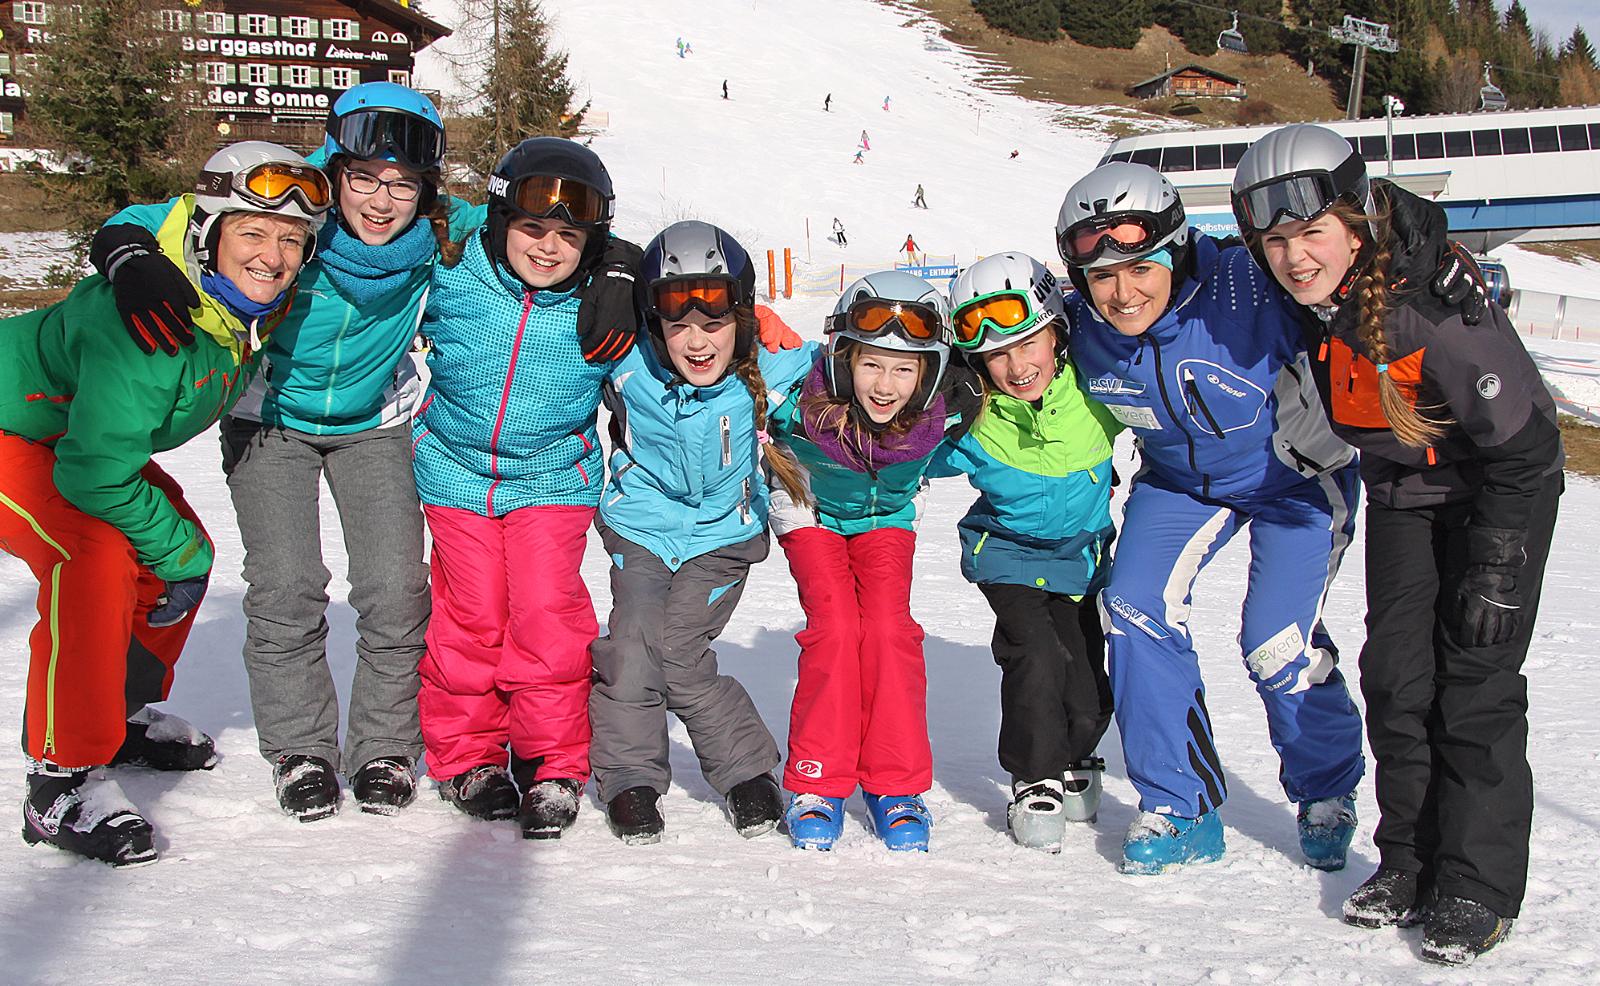 Sonntagswetter für die Veldener Ski- und Snowboard-Kursteilnehmer in Lofer: Skilehrerinnen Marlies Maier und Meli Hinterberger legte mit den Kids der Fortgeschrittenen-Gruppe eine schneidige Spur in den Schnee